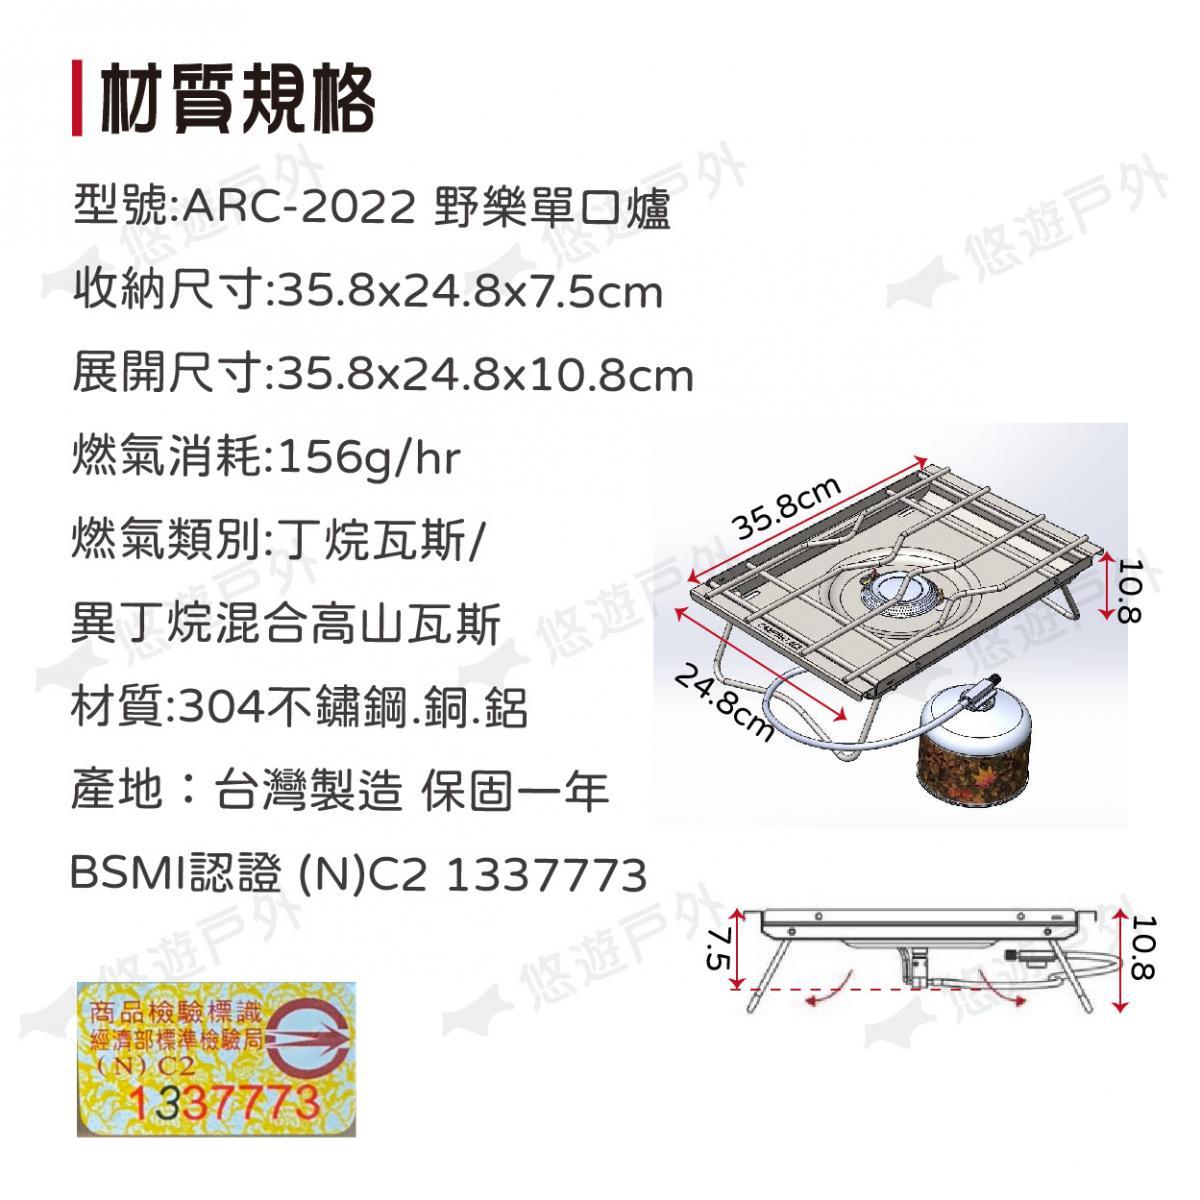 【野樂】單口爐 ARC-202 台灣製 單口爐 瓦斯爐 露營 野營 304不銹銹鋼 IGT 4